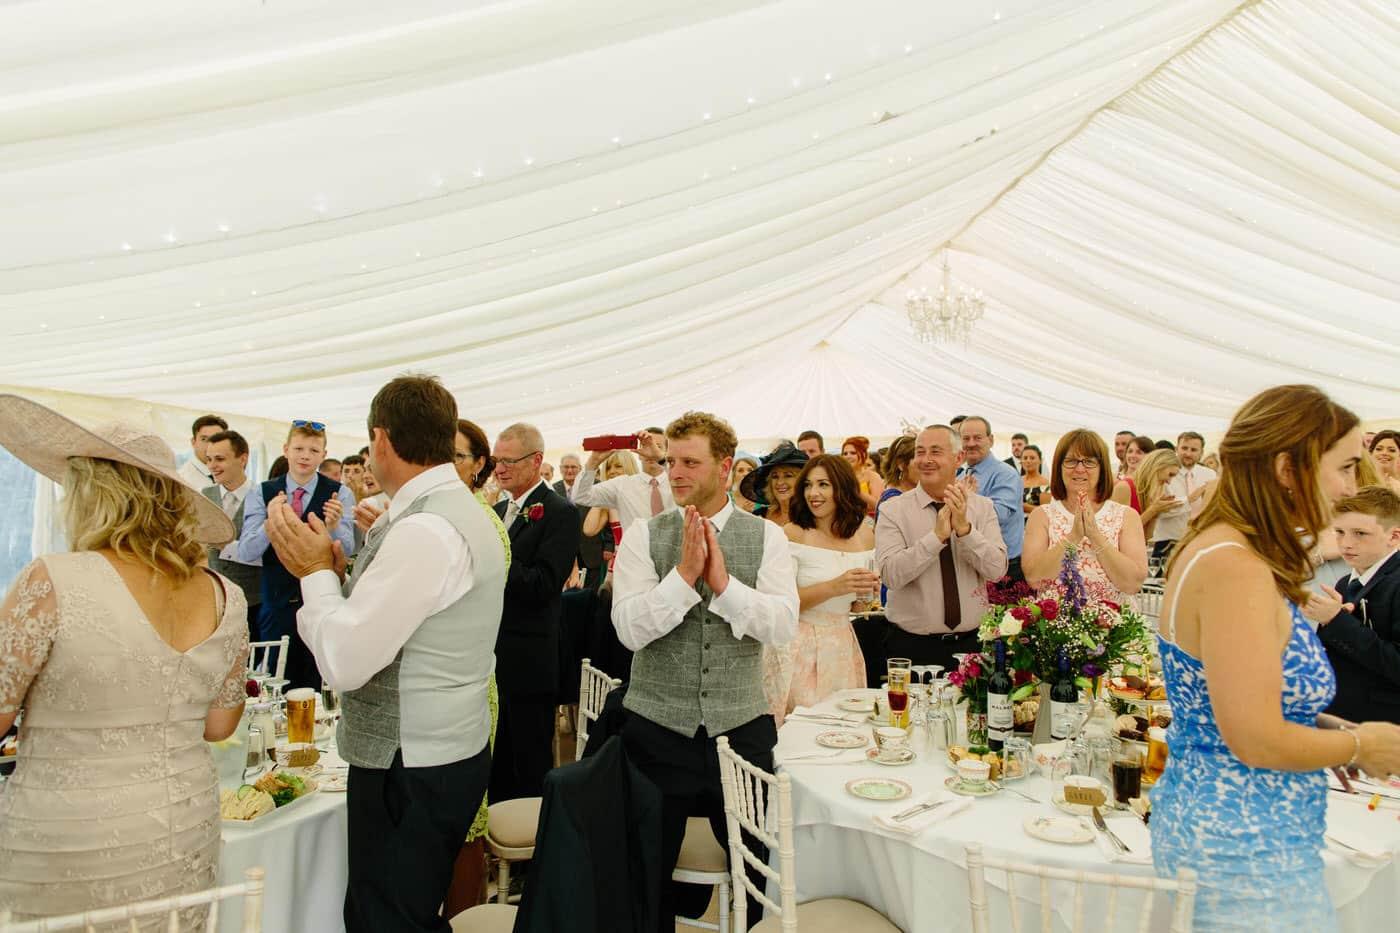 SG NORTH WALES WEDDING 987